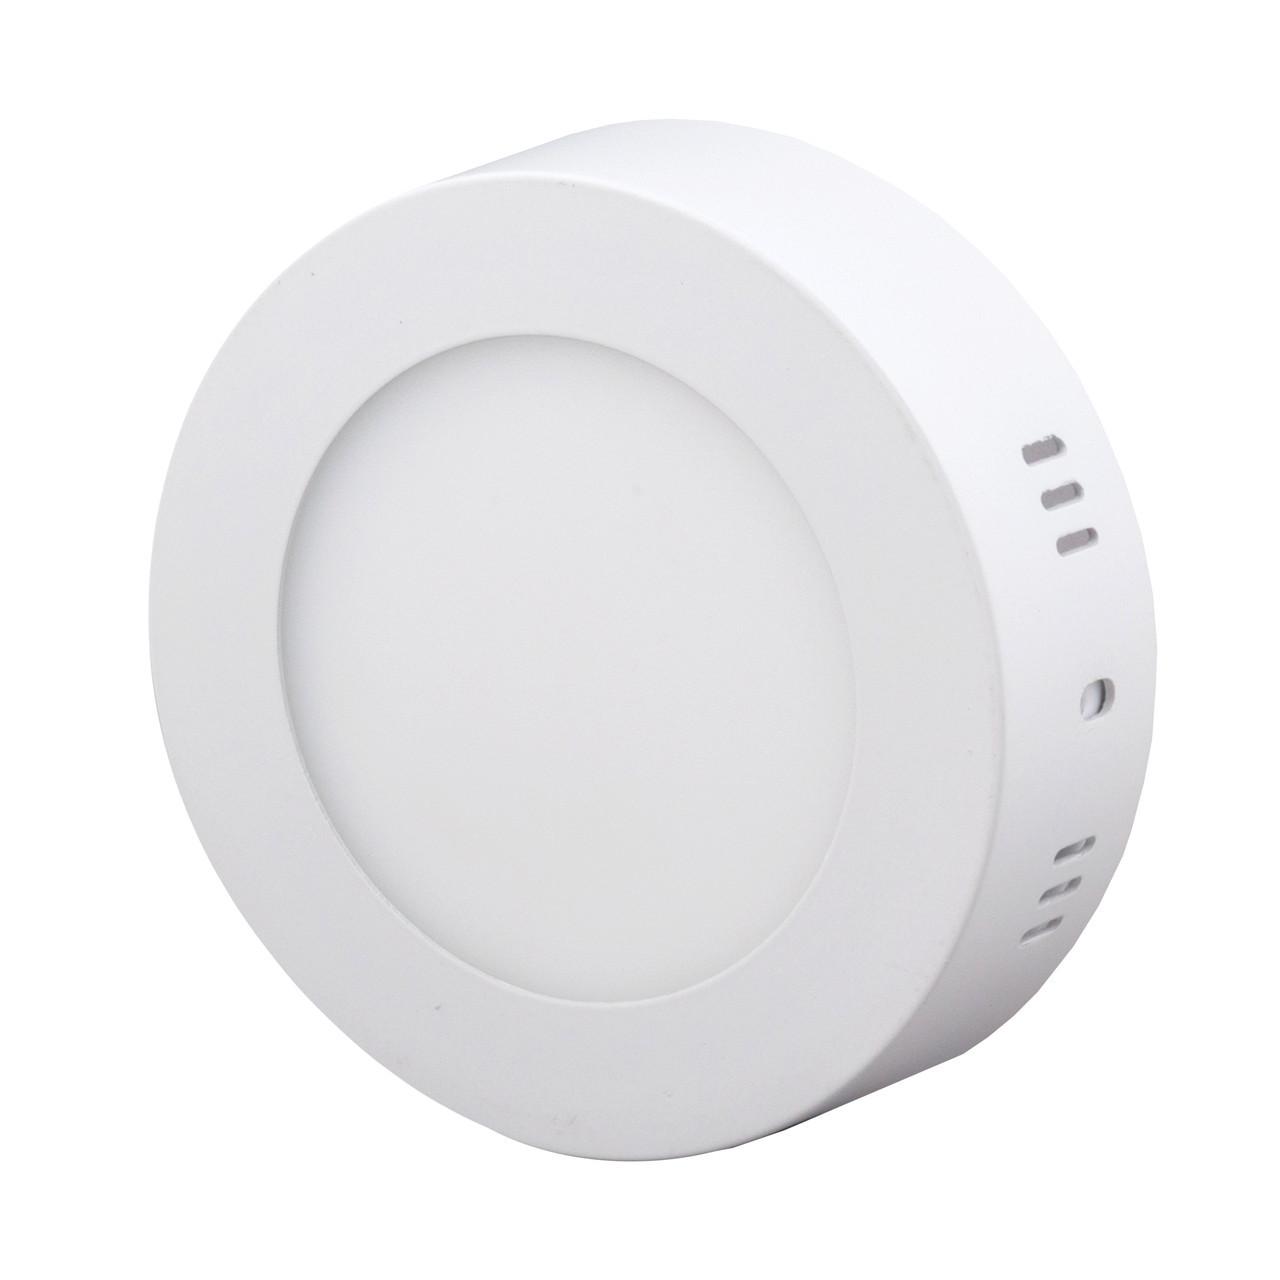 Накладной светодиодный светильник BIOM 6Вт круг Нейтральный белый 4000К